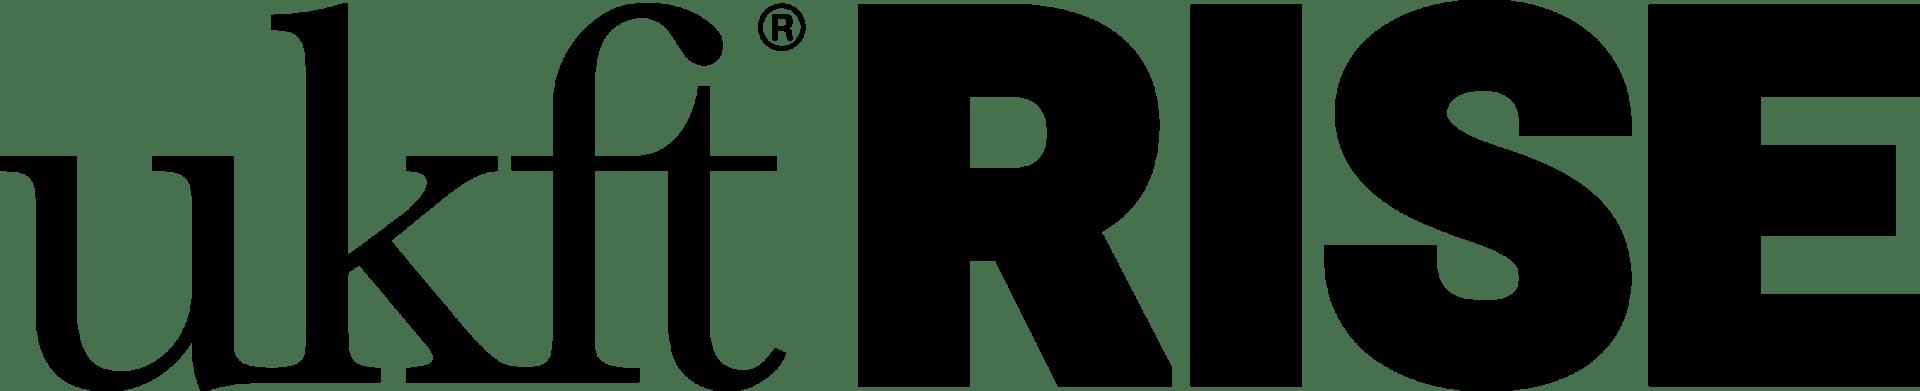 UKFT rise logo